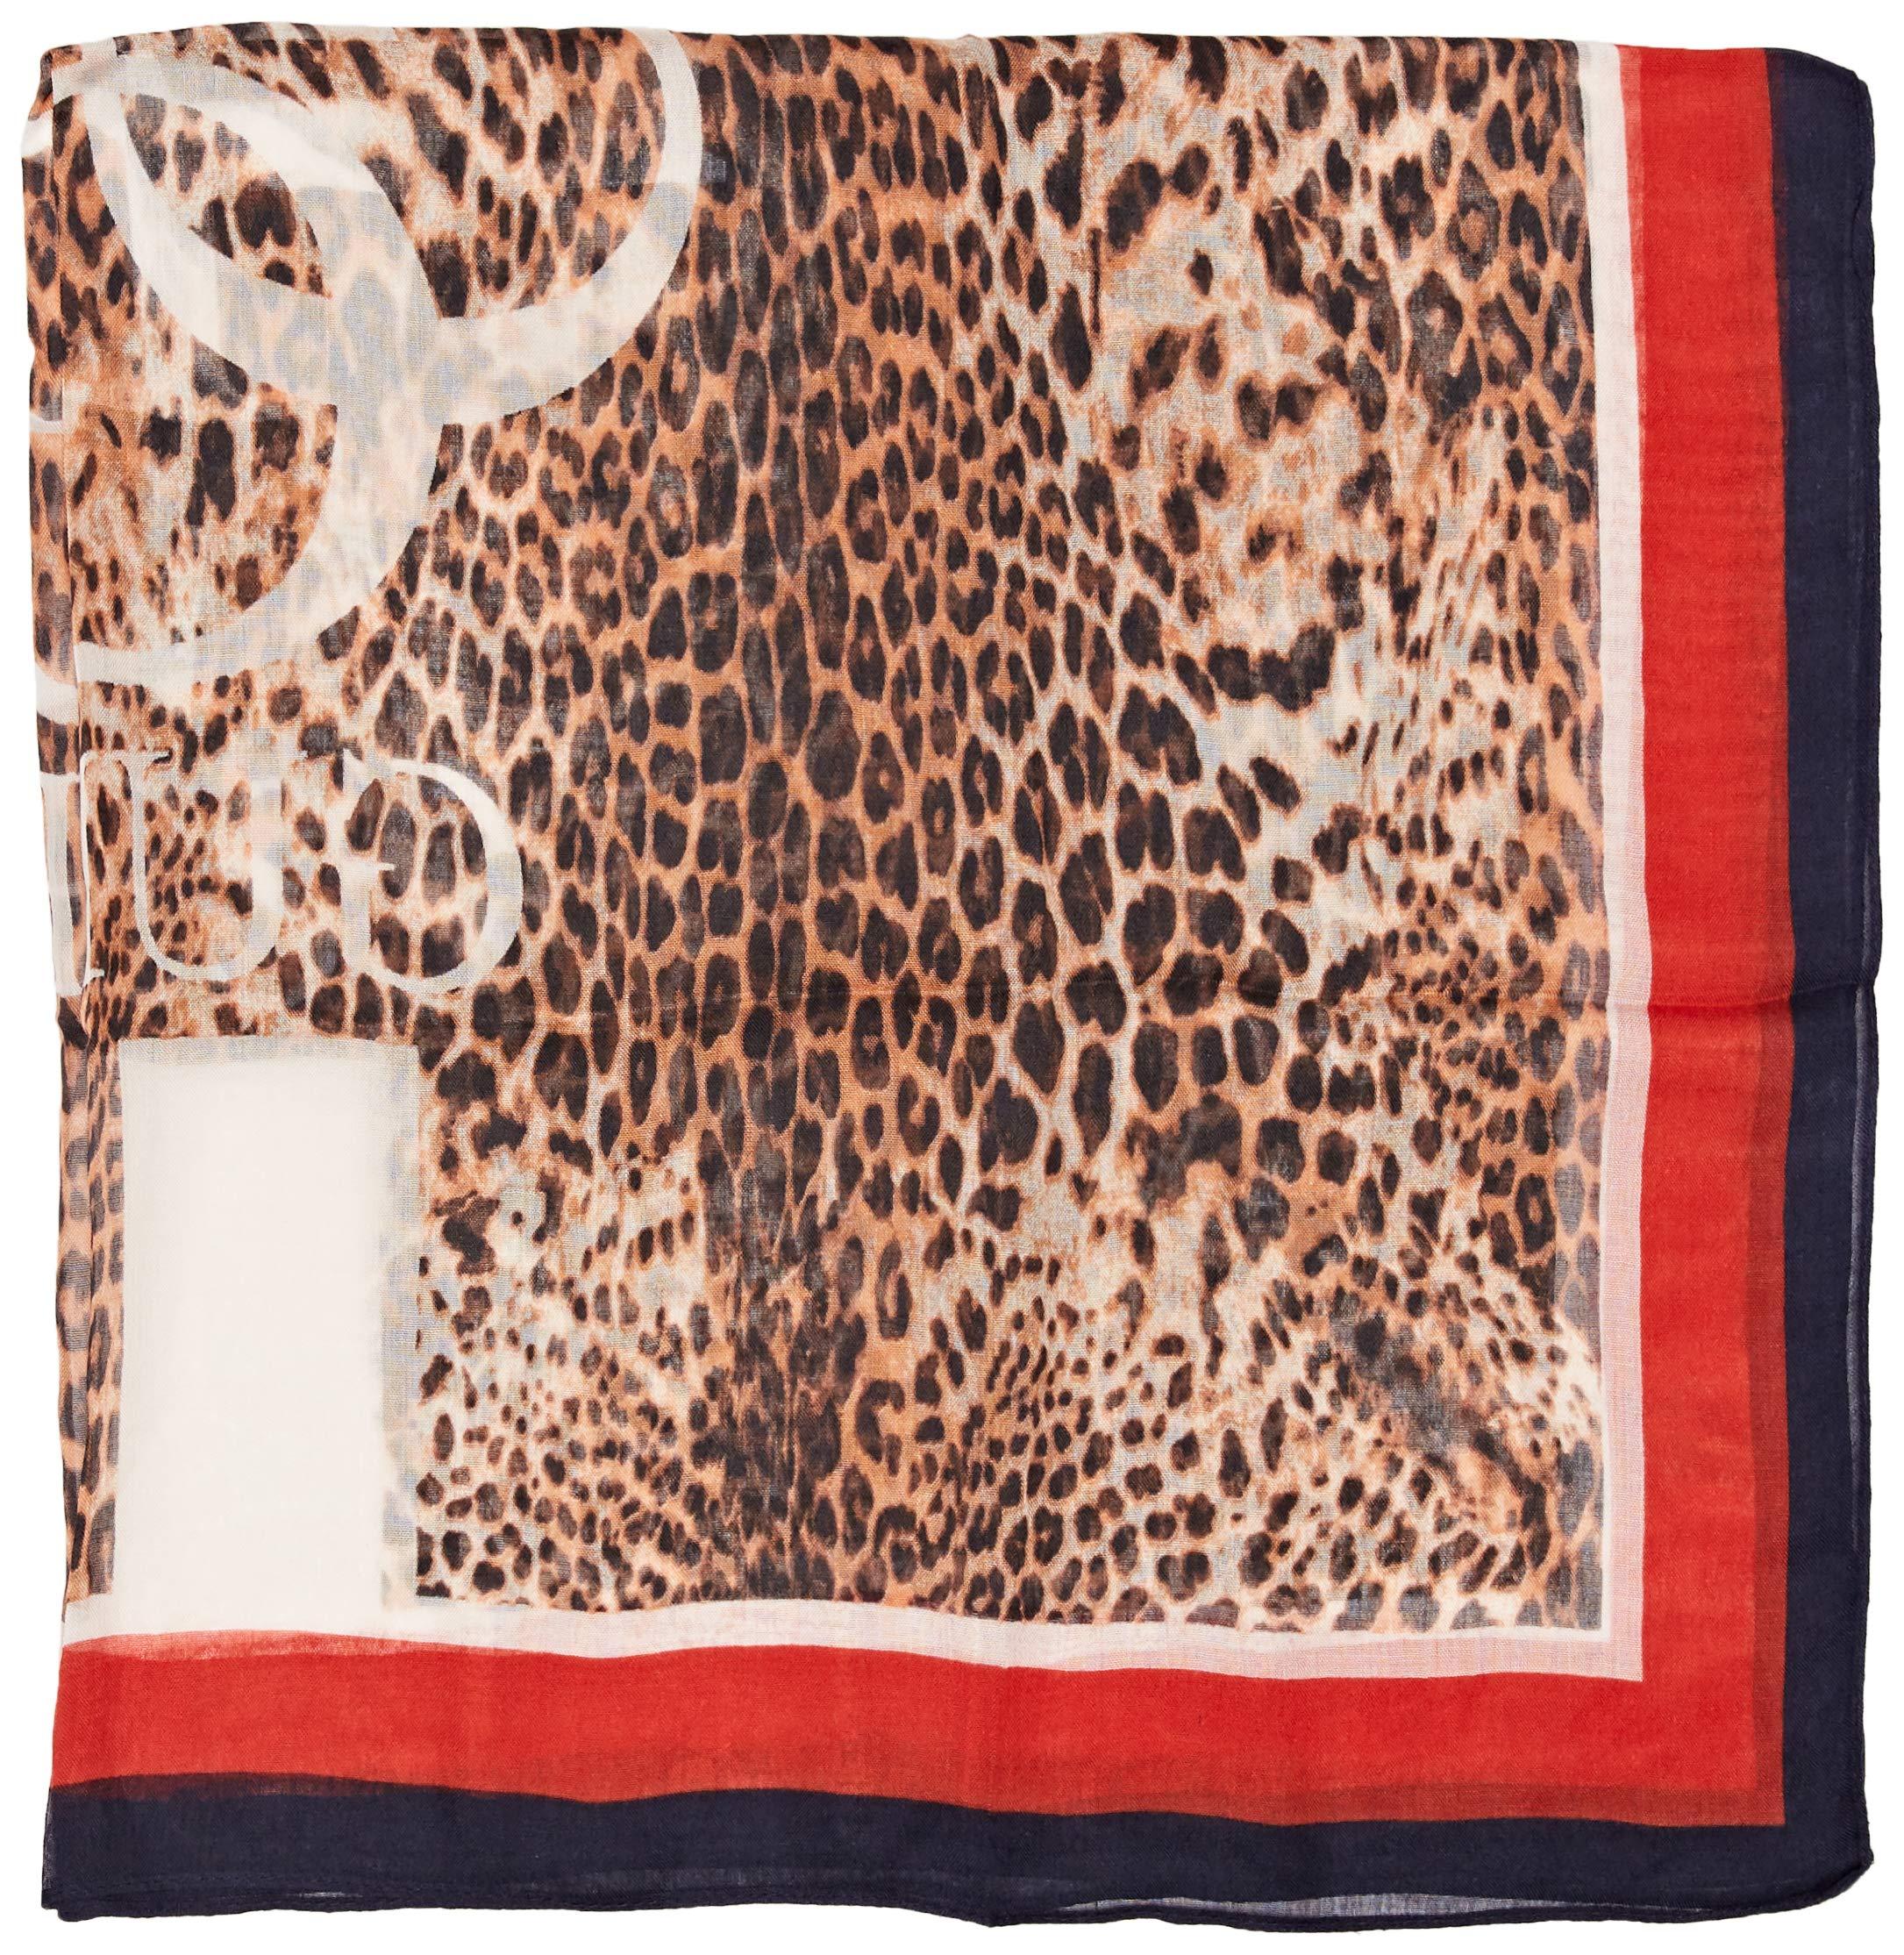 Guess Sciarpe Leopard 4g Foulard Pañuelo, Multicolor (Jungle Passion Pz16), Talla única (Talla del fabricante: ONE) para…